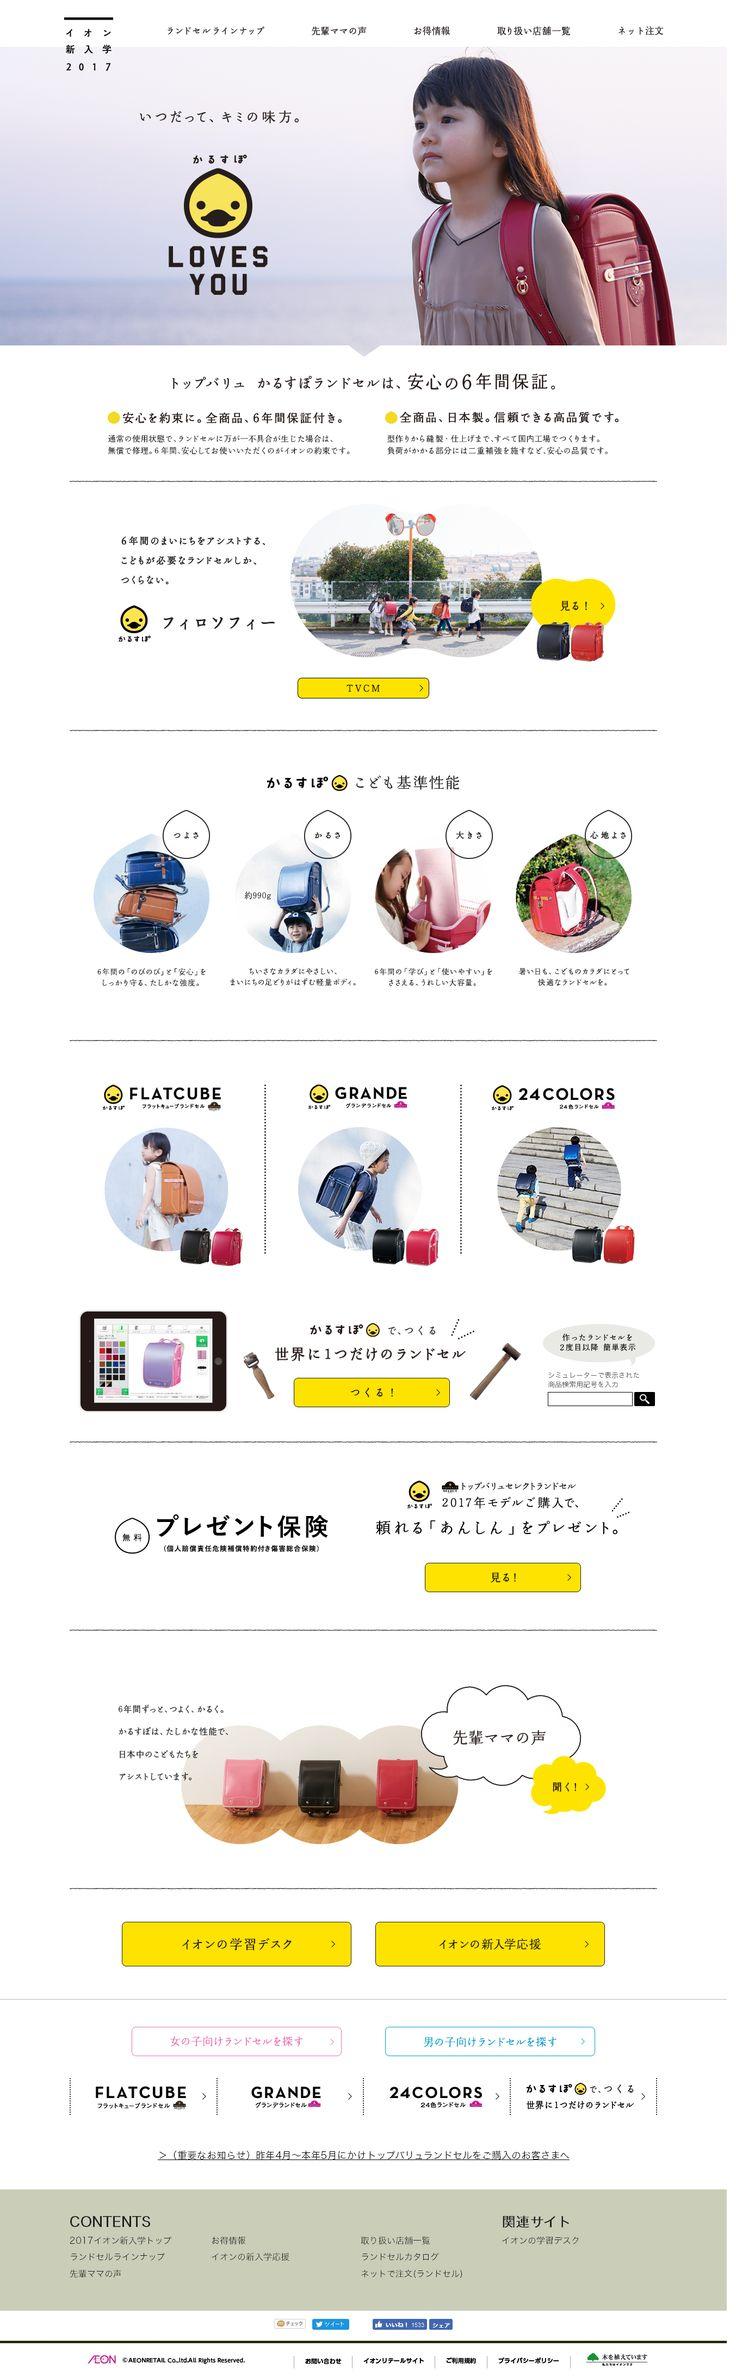 http://www.aeonretail.jp/kidsschool/